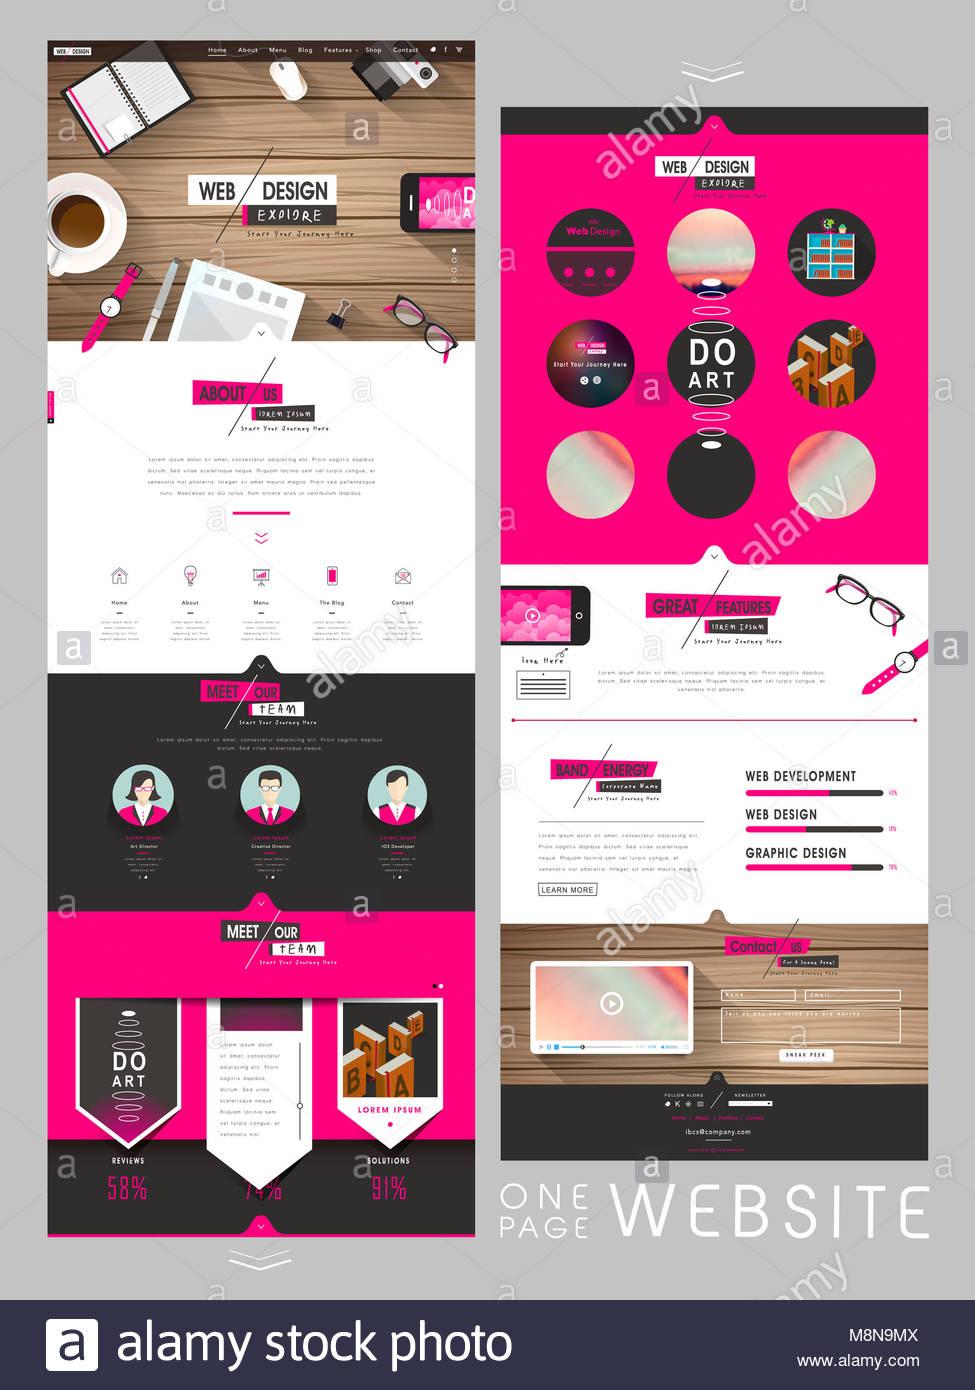 One Page Website Stockfotos & One Page Website Bilder - Seite 3 ...